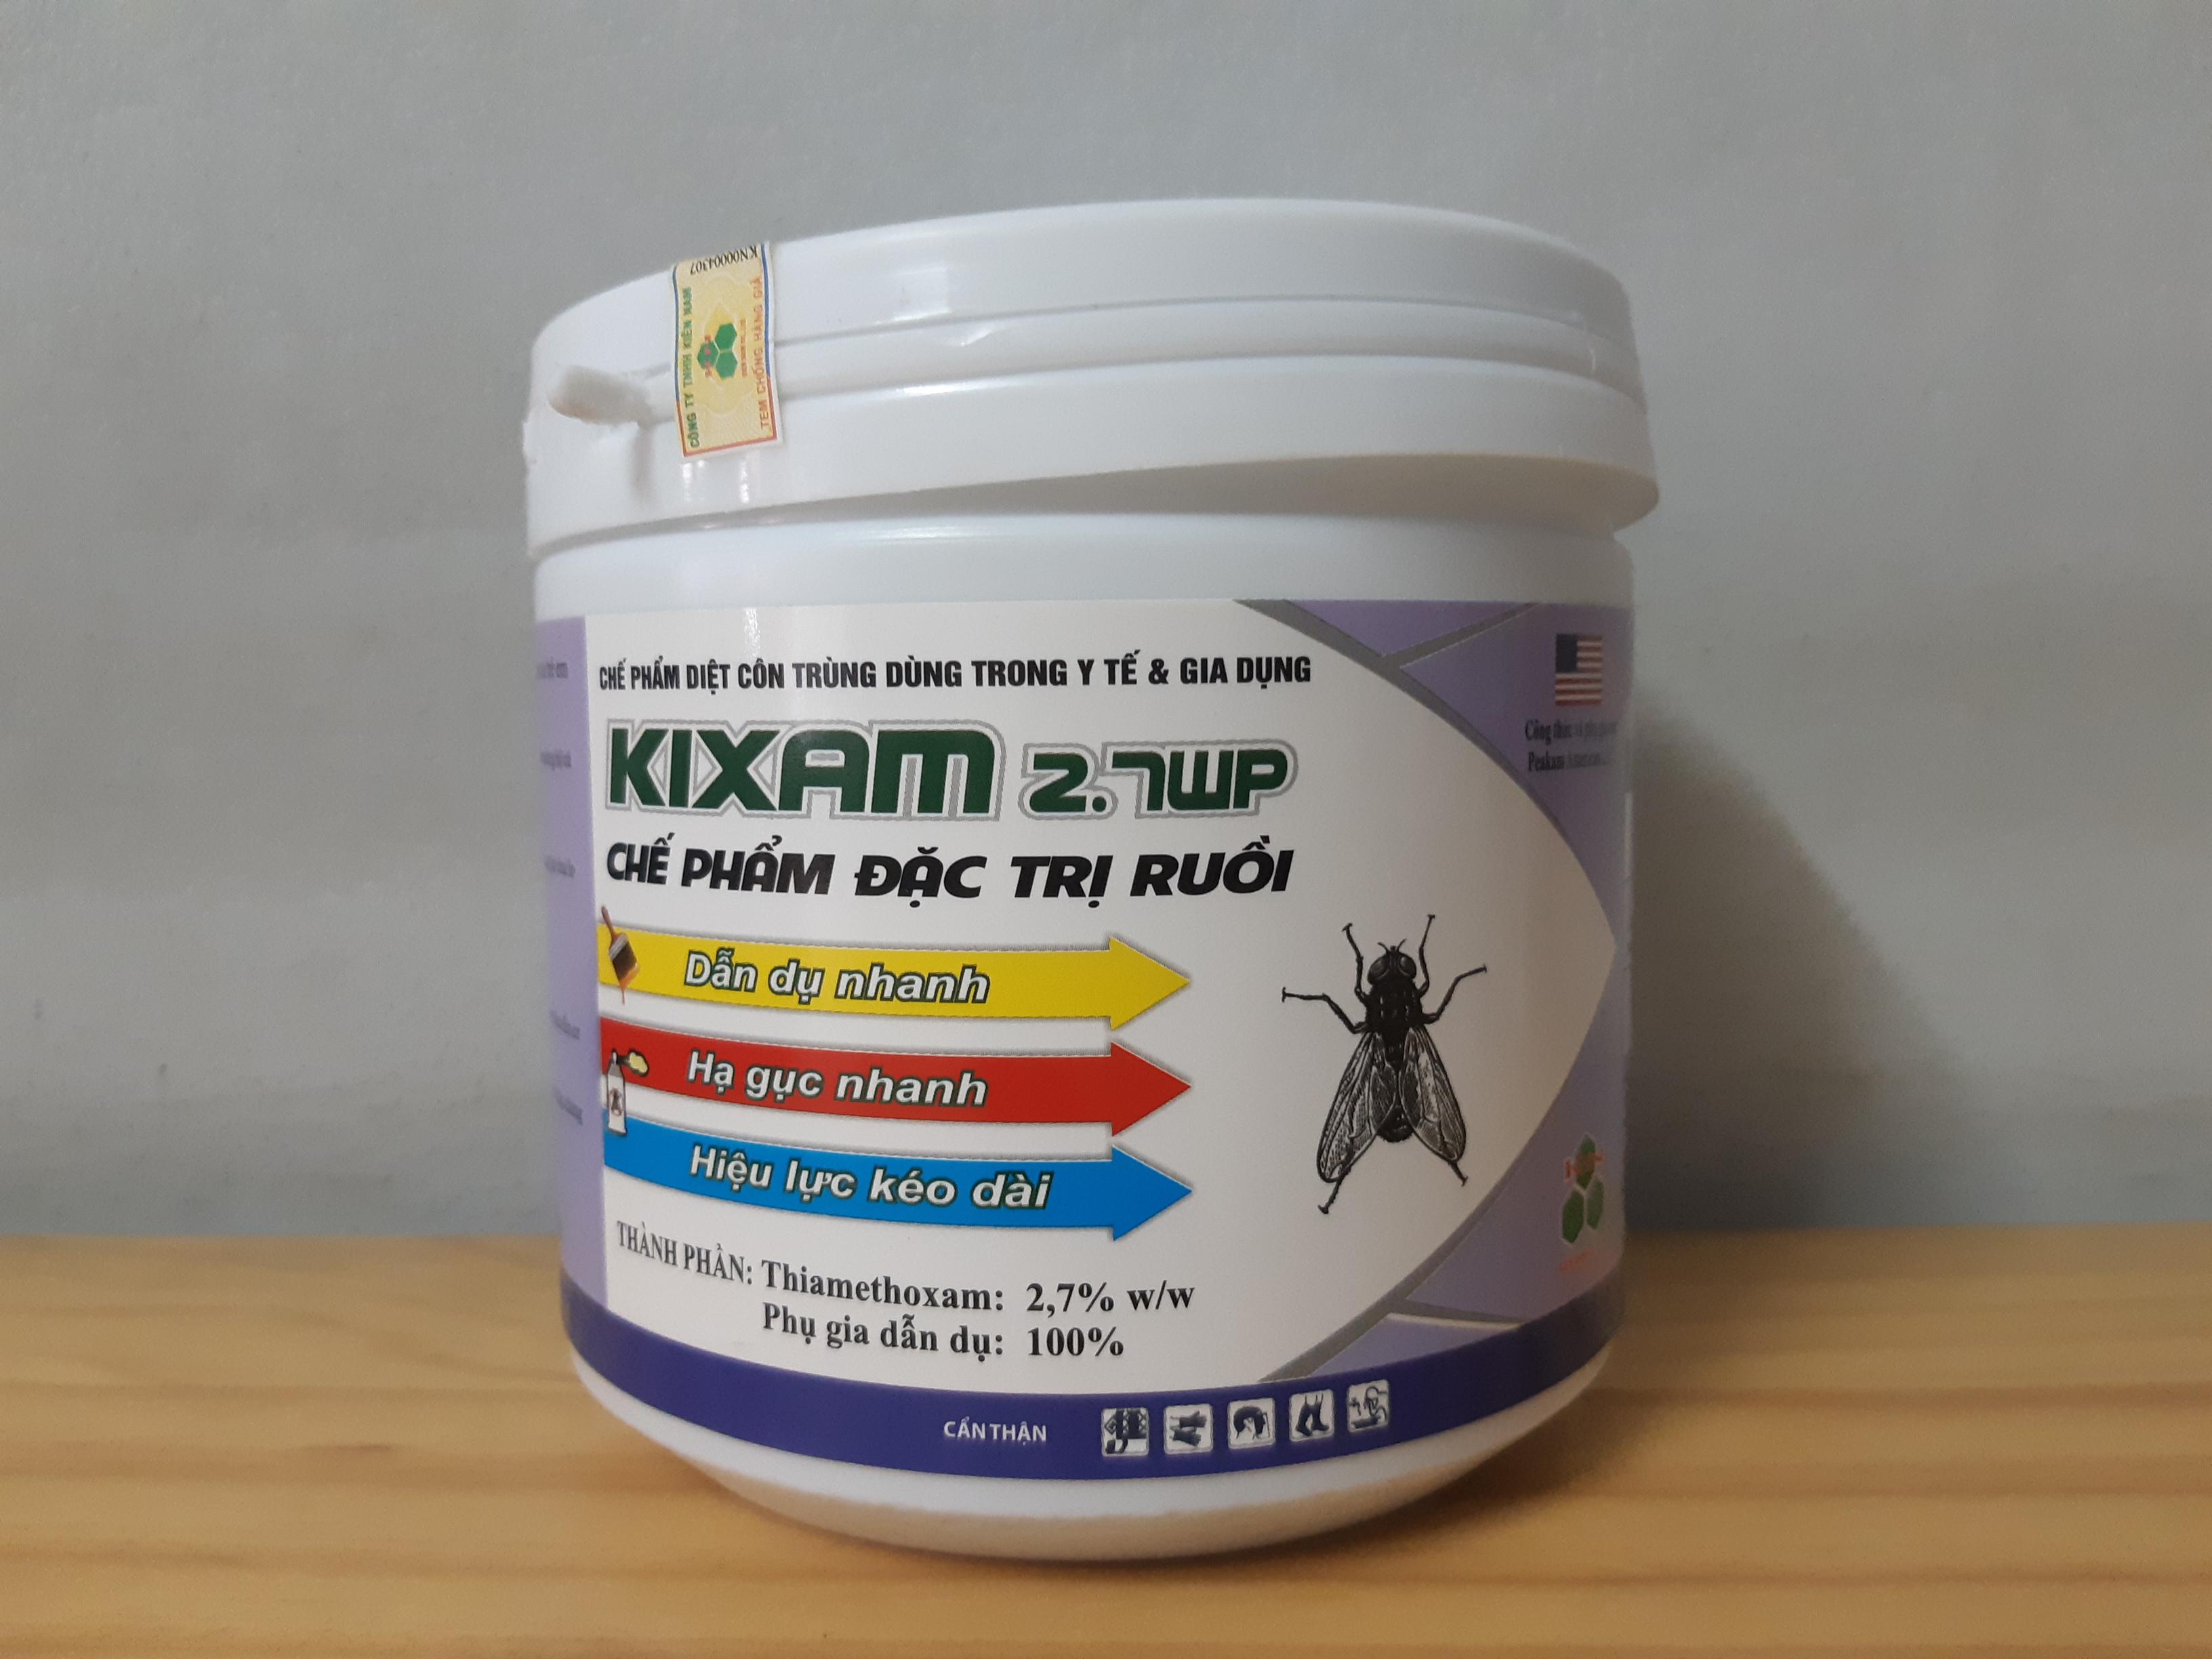 Thuốc diệt ruồi đặc trị hiệu quả cao Kixam 2.7 WP